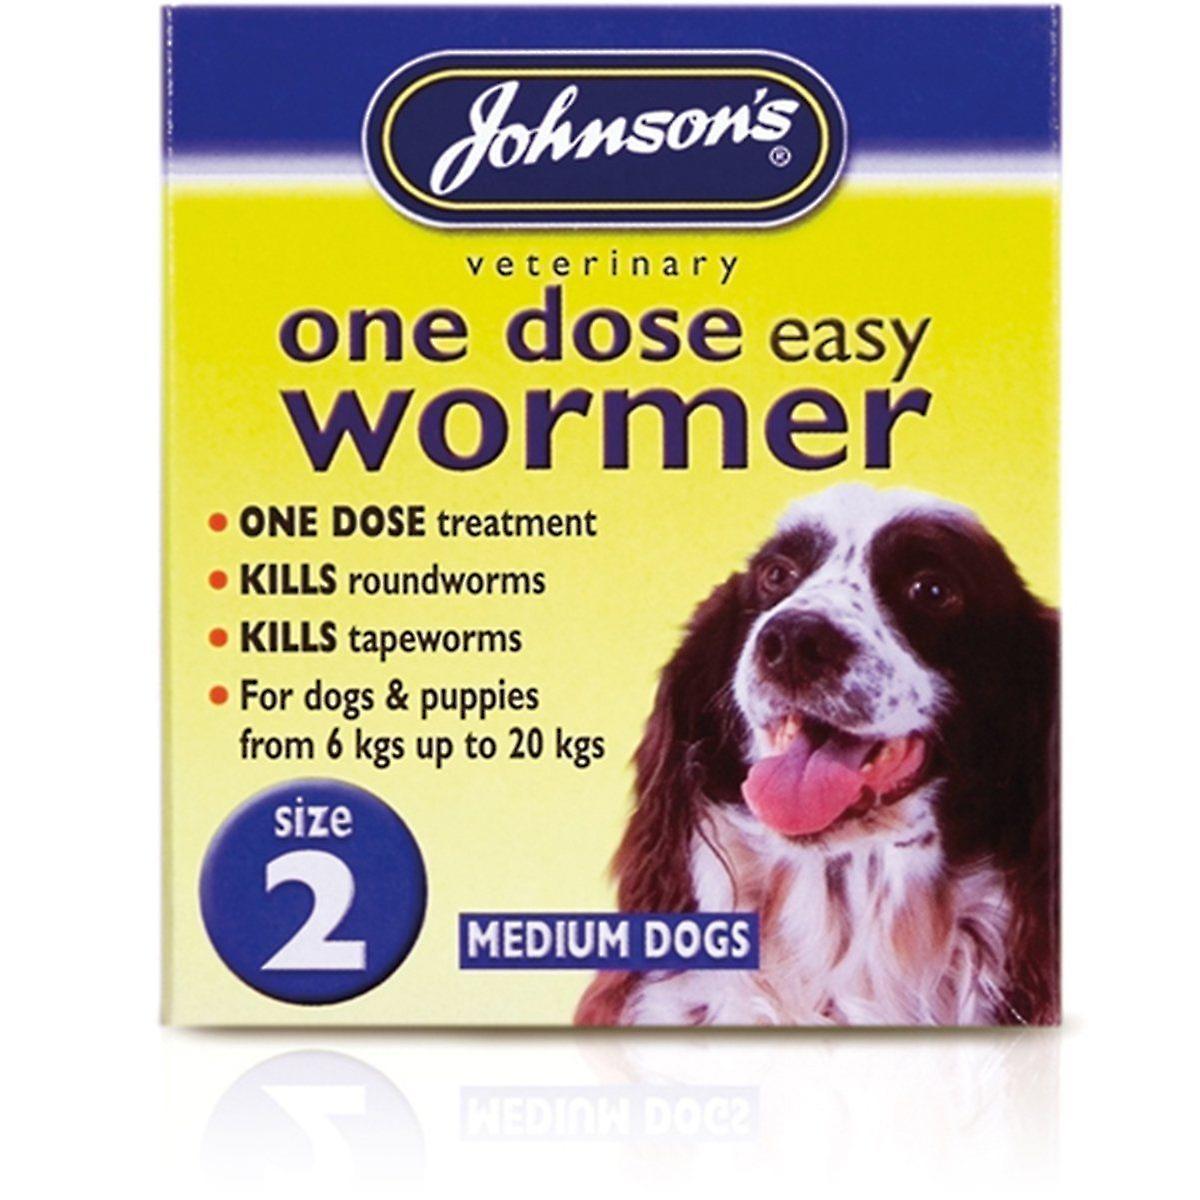 Johnsons Vet Easy One Dose Wormer, Size 2